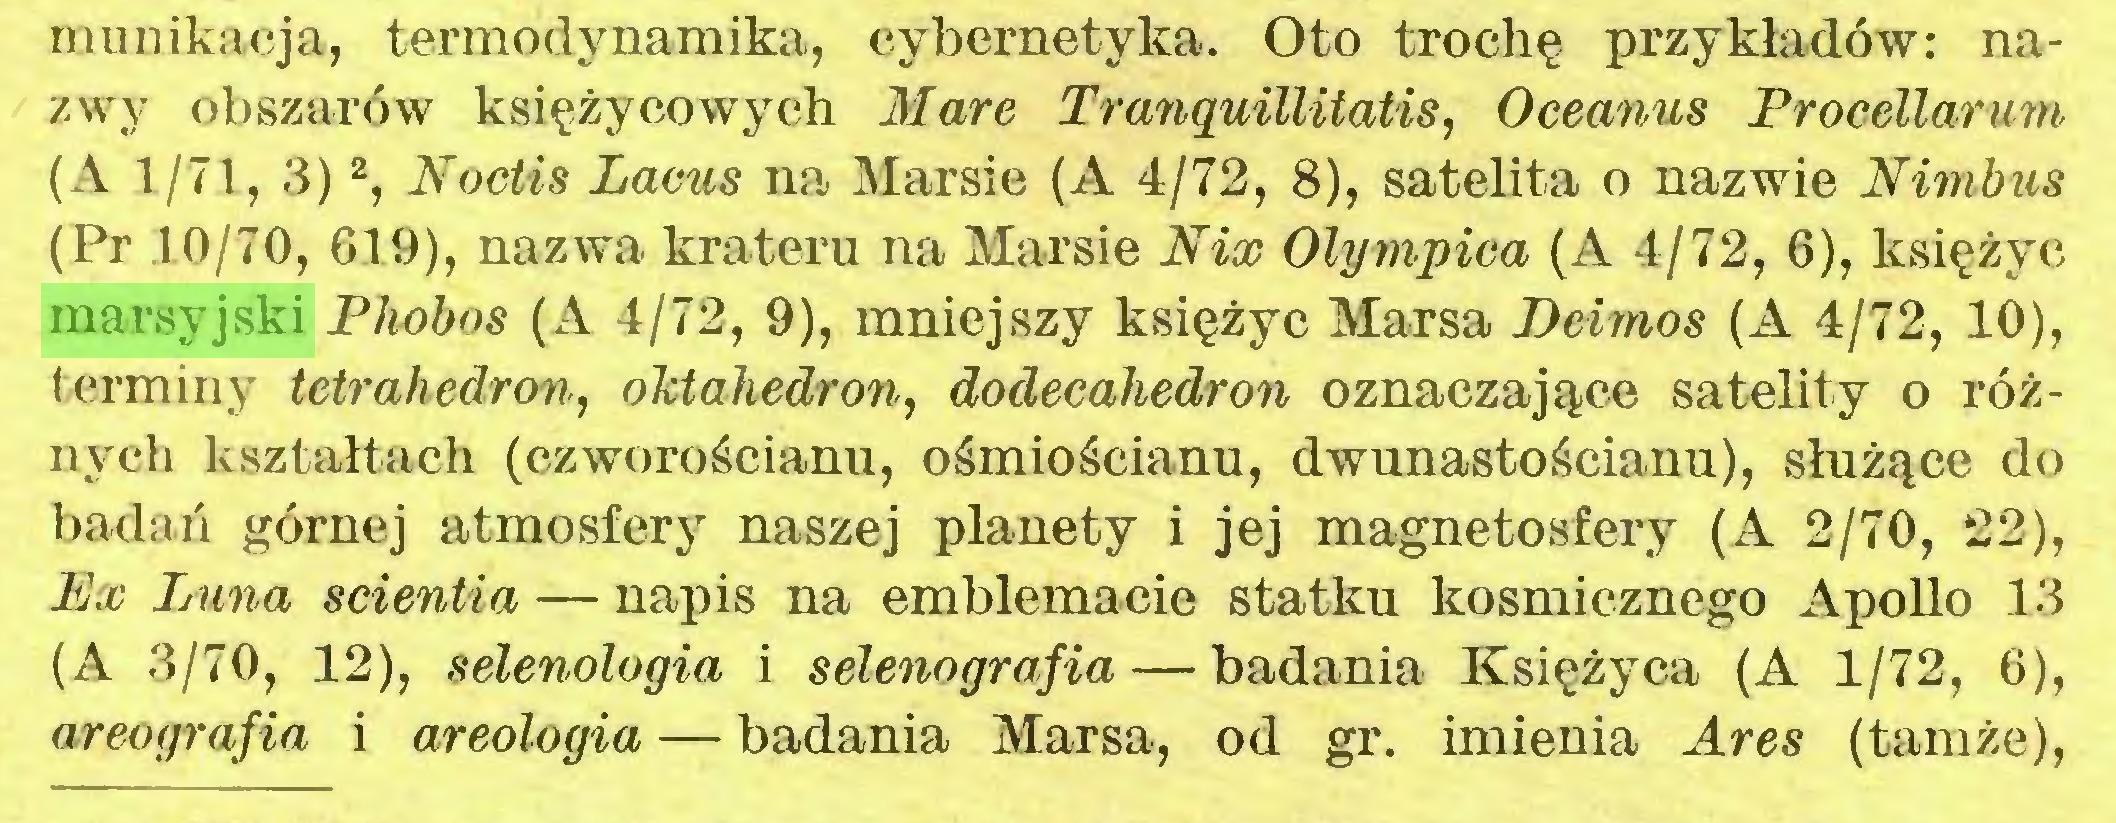 (...) munikacja, termodynamika, cybernetyka. Oto trochę przykładów: nazwy obszarów księżycowych Mare Tranquillitatis, Oceanus Procellarum (A 1/71, 3)2, Noctis Locus na Marsie (A 4/72, 8), satelita o nazwie Nimbus (Pr 10/70, 619), nazwa krateru na Marsie Nix Olympica (A 4/72, 6), księżyc marsyjski Phobos (A 4/72, 9), mniejszy księżyc Marsa Beimos (A 4/72, 10), terminy tetrahedron, oktaJiedron, dodecahedron oznaczające satelity o różnych kształtach (czworościanu, ośmiościanu, dwunastościanu), służące do badań górnej atmosfery naszej planety i jej magnetosfery (A 2/70, 22), Ex Luna scientia — napis na emblemacie statku kosmicznego Apollo 13 (A 3/70, 12), selenologia i selenografia — badania Księżyca (A 1/72, 6), areografia i areologia — badania Marsa, od gr. imienia Ares (tamże),...